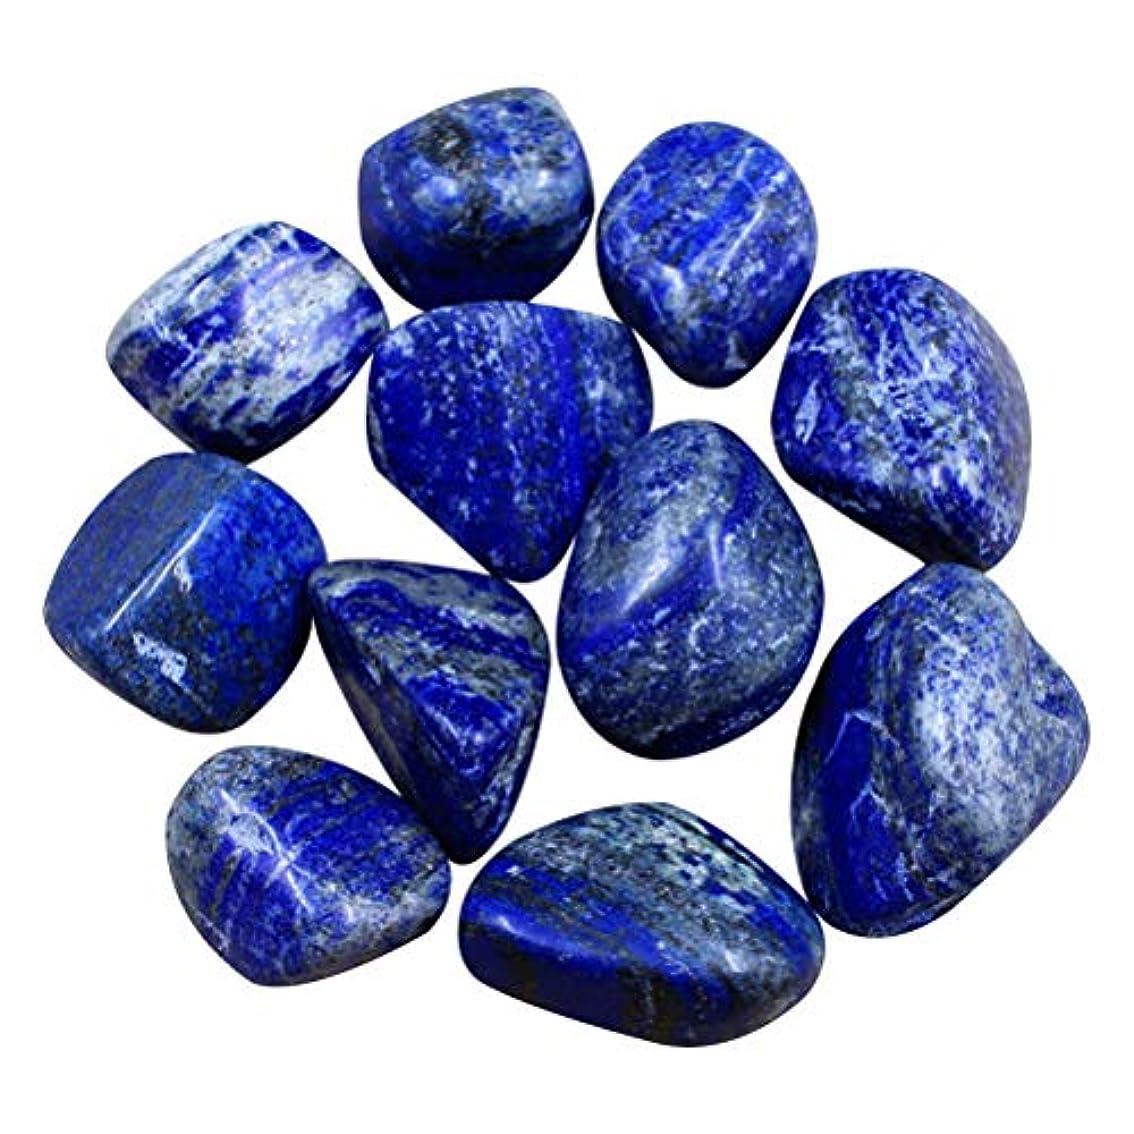 広まったつぶすワインSUPVOX 10個の天然石石落ち石の癒しReikiクリスタルジュエリー自然の岩ホームデコレーション花瓶植物を作る